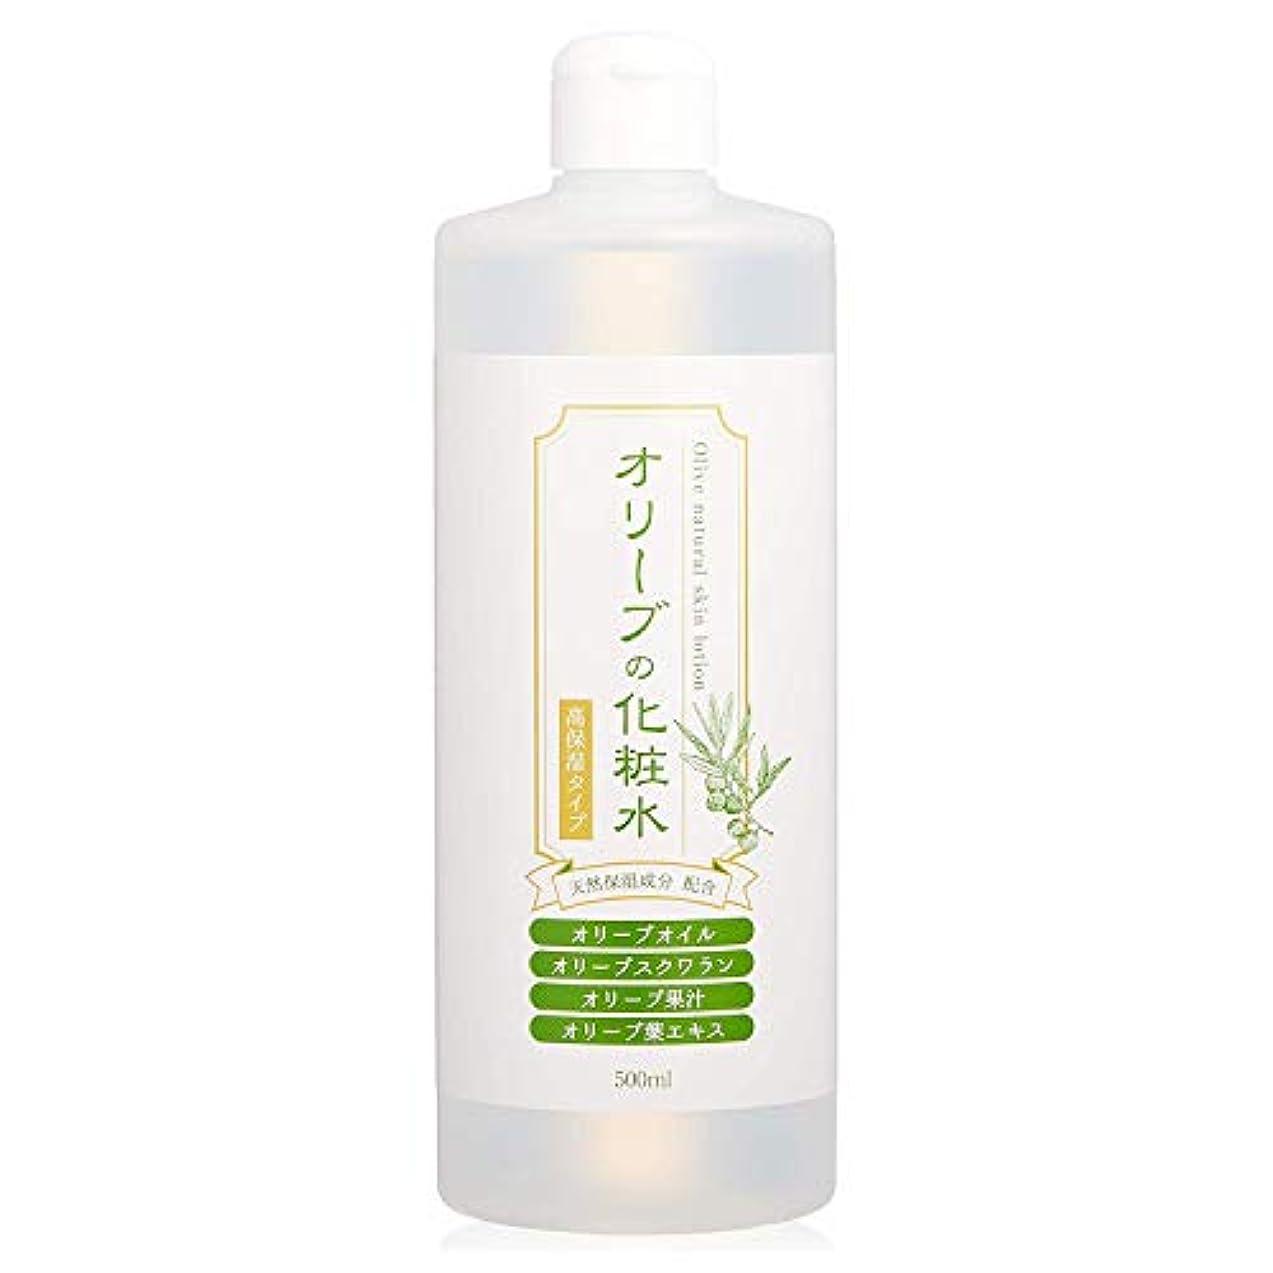 小間メールを書く直立日本オリーブ オリーブクリアローション 〈オリーブの化粧水〉 (500mL)